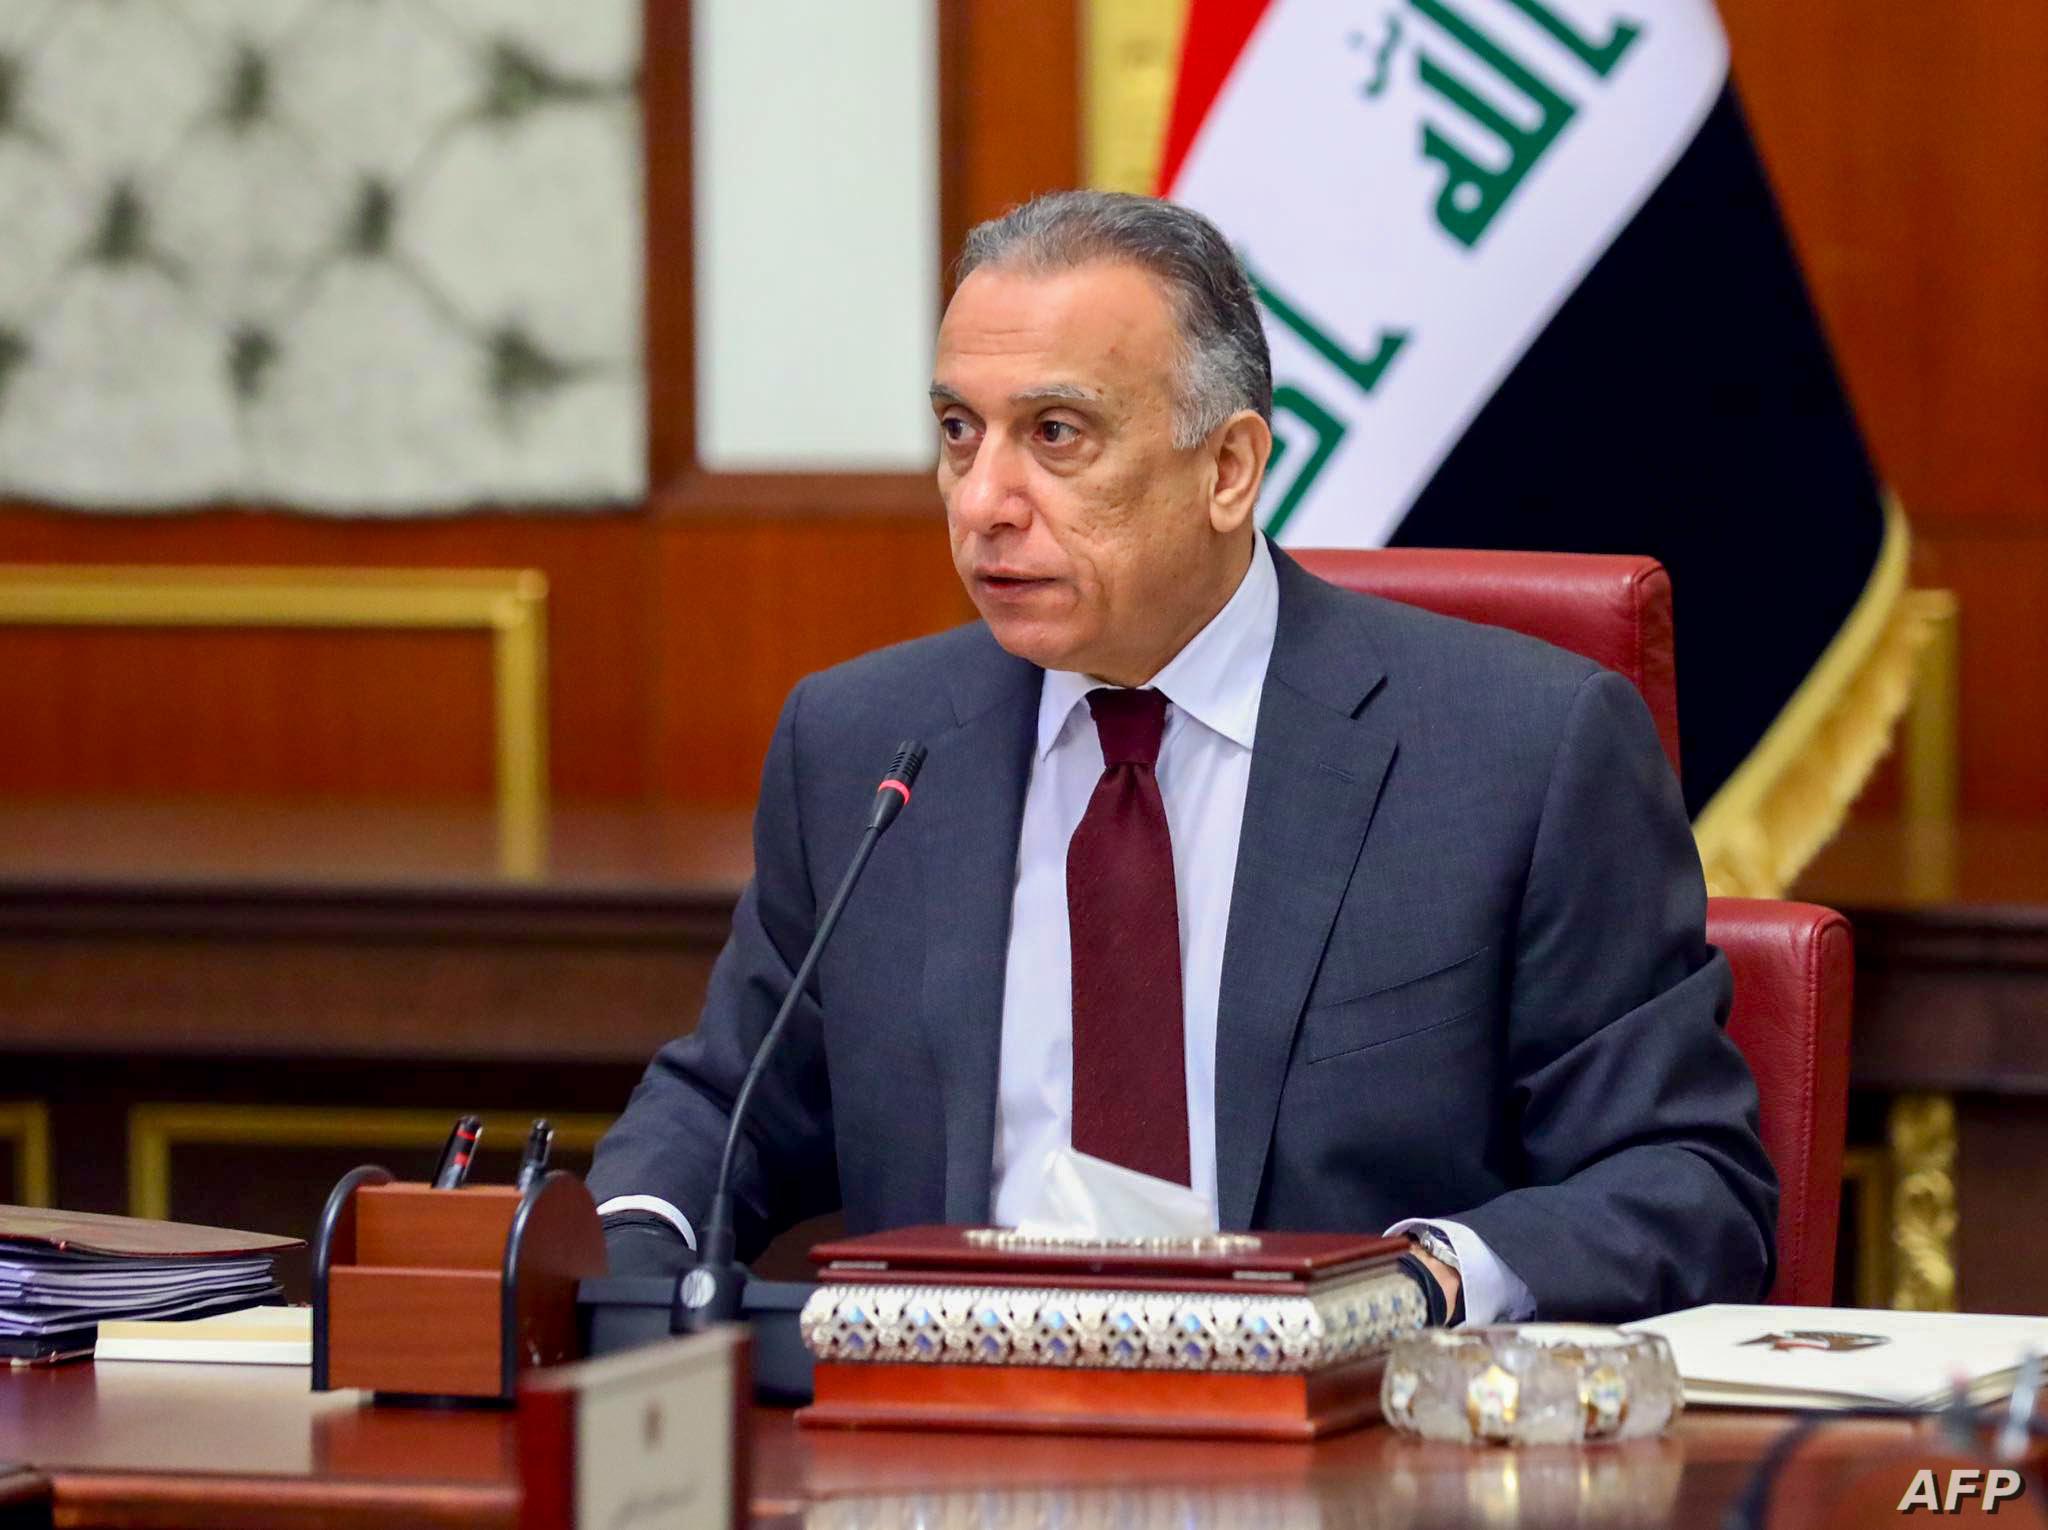 رئيس وزراء العراق: تظاهرات بغداد كانت استذكارًا سلميًا لأحداث تشرين